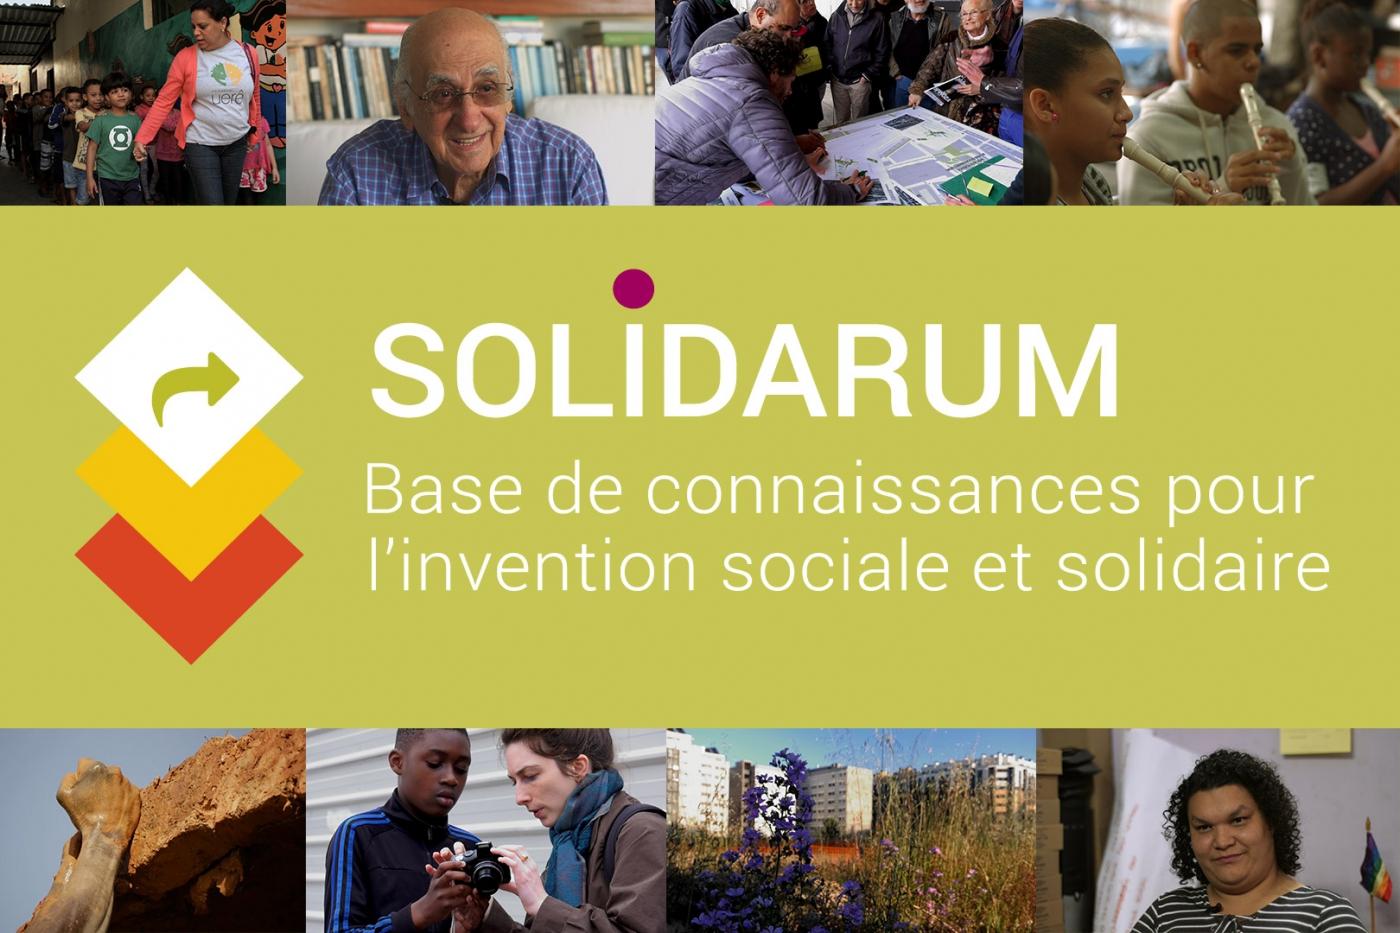 Solidarum, une base de connaissances pour l'invention sociale et solidaire